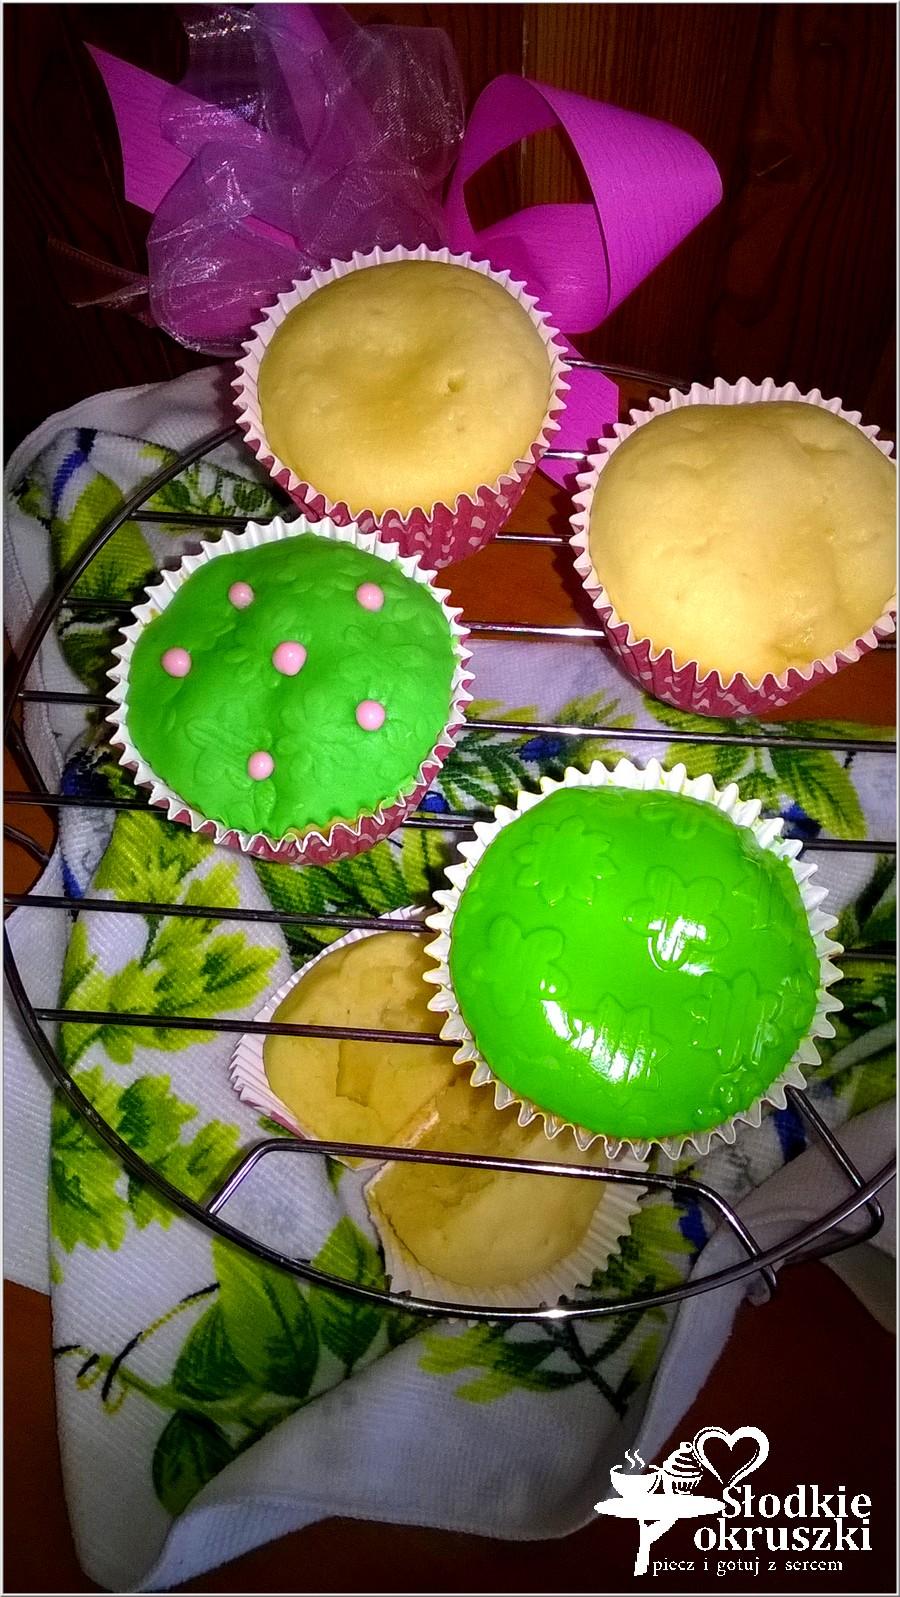 Mleczne babeczki z ananasem z zieloną łączką (1)